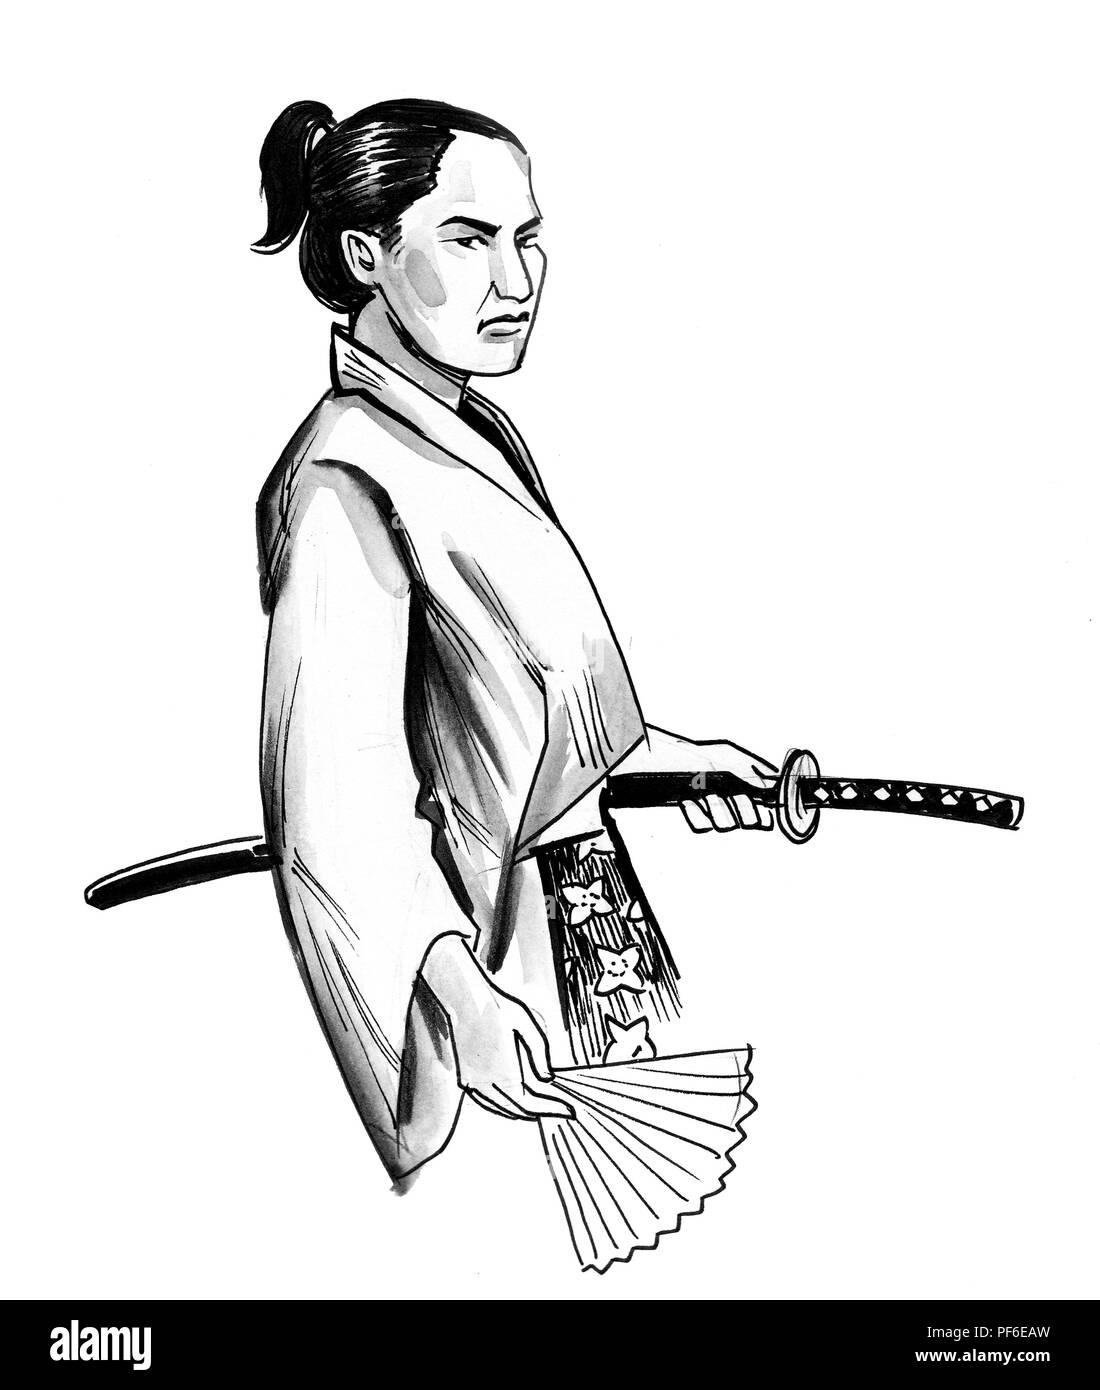 Guerrero Samurai Con Una Espada Dibujo En Blanco Y Negro De Tinta Fotografia De Stock Alamy